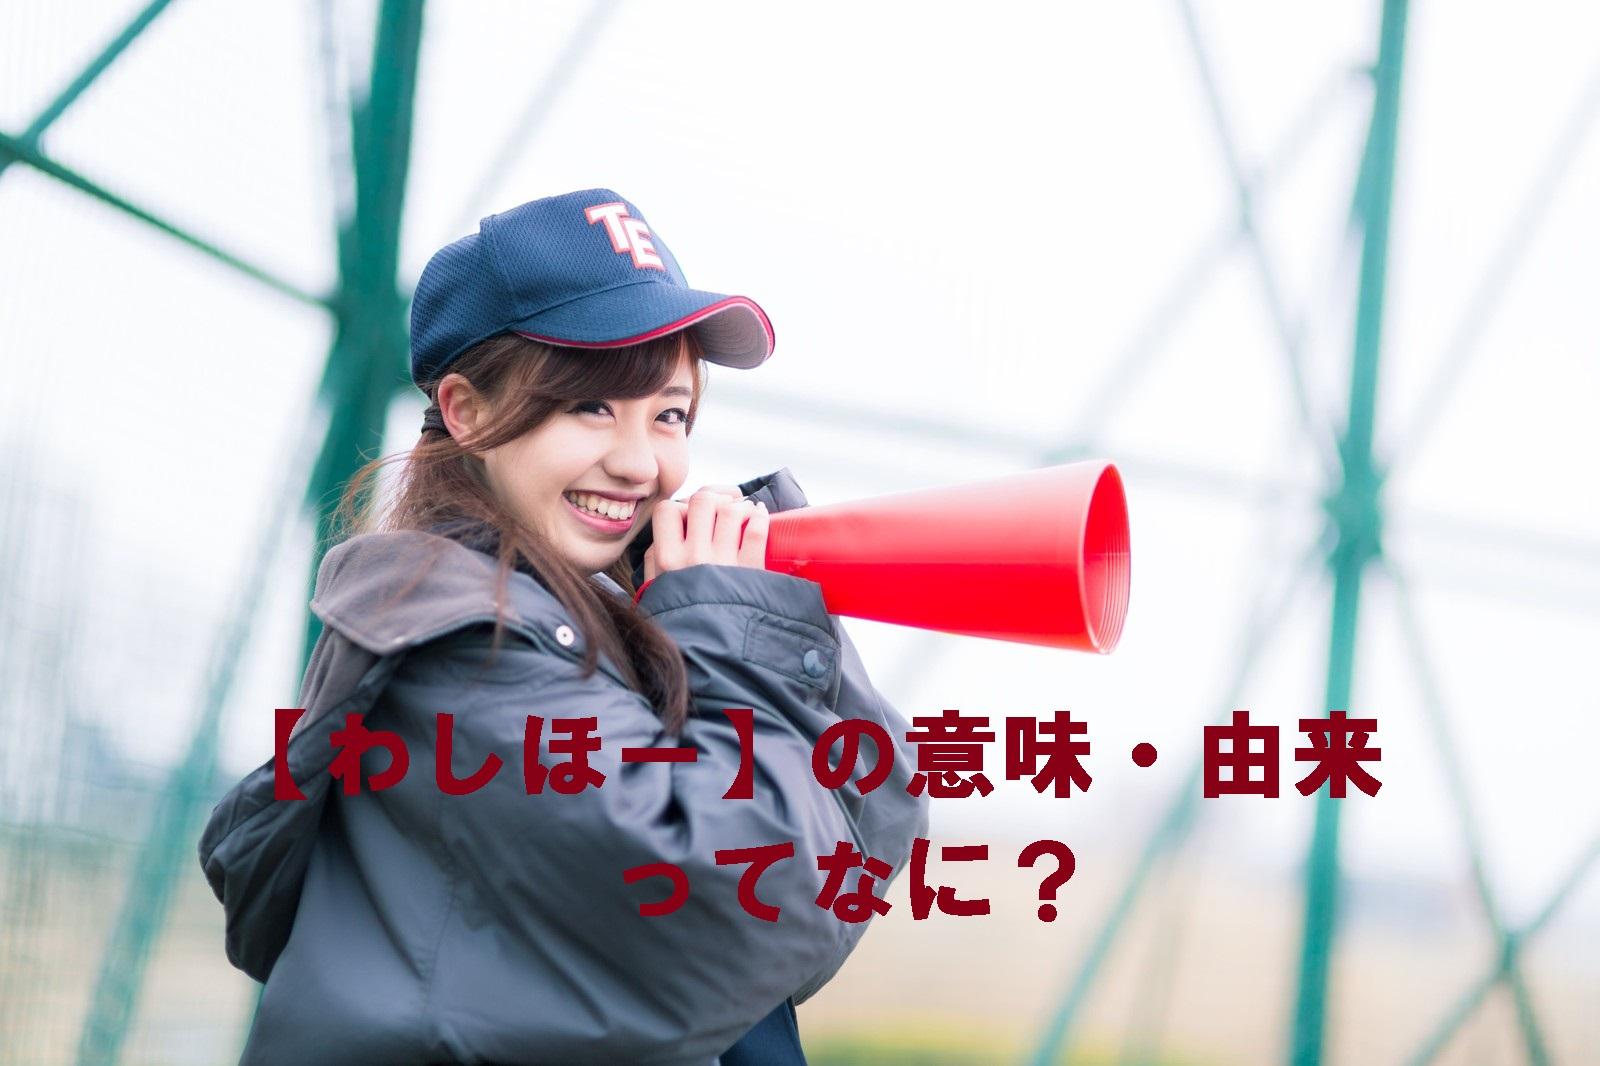 「わしほー」の意味・由来とは?楽天ファンのツイートで頻発!!